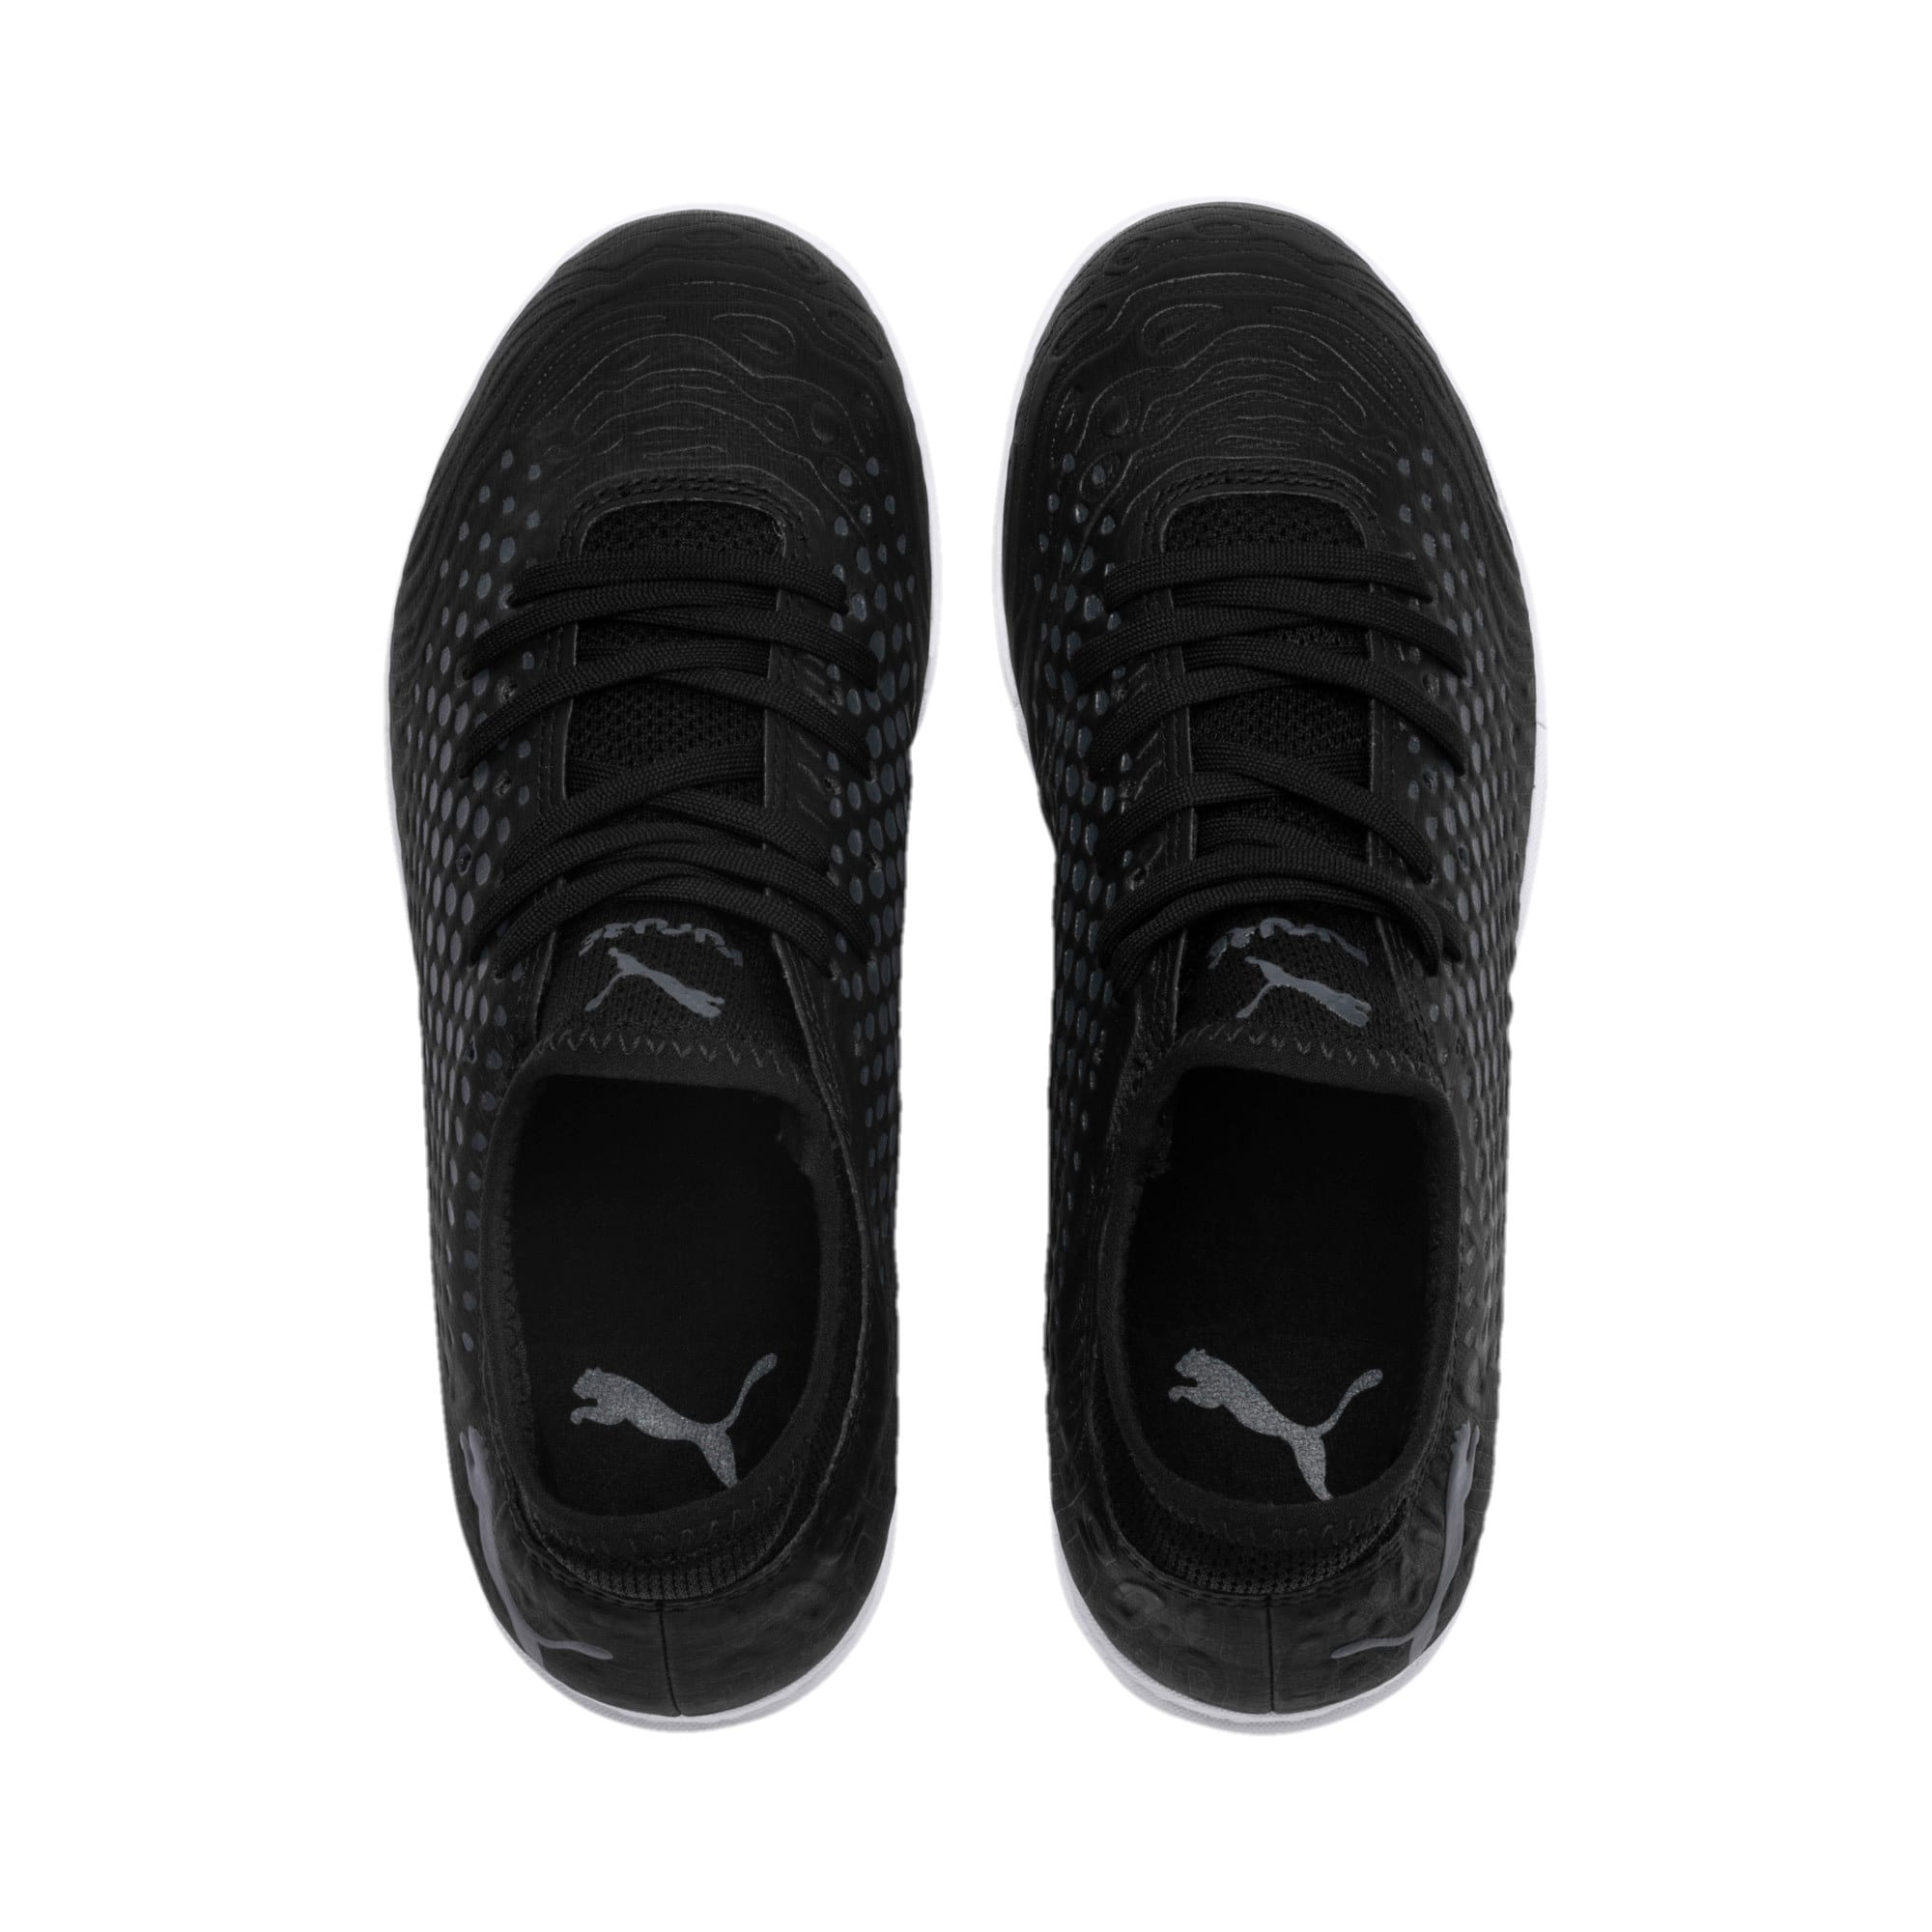 Thumbnail 6 of FUTURE 19.4 IT Soccer Shoes JR, Puma Black-Puma Black-White, medium